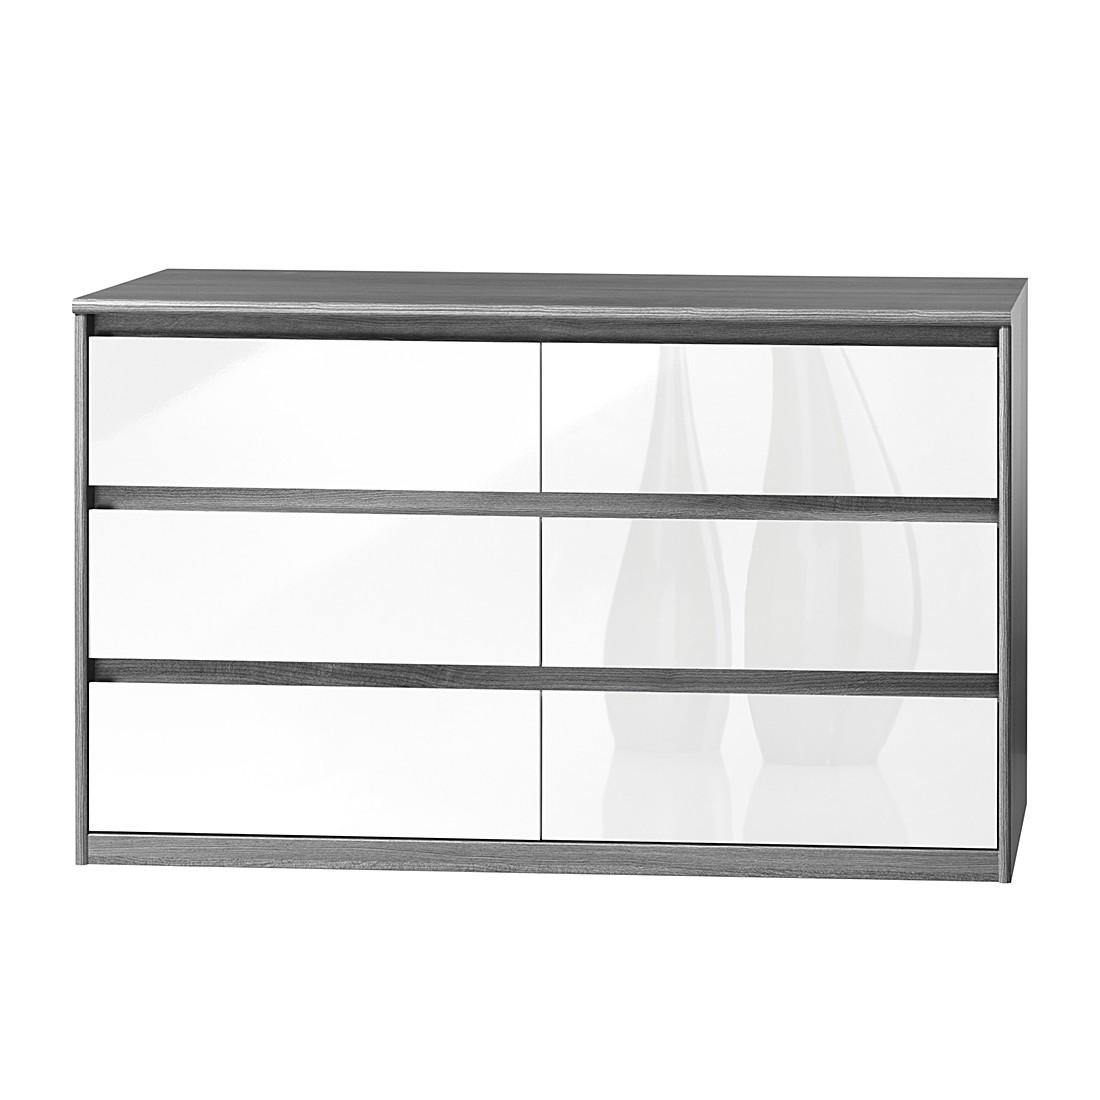 Sideboard Soft Smart II – Silbereiche Dekor/Hochglanz Weiß, CS Schmal günstig bestellen